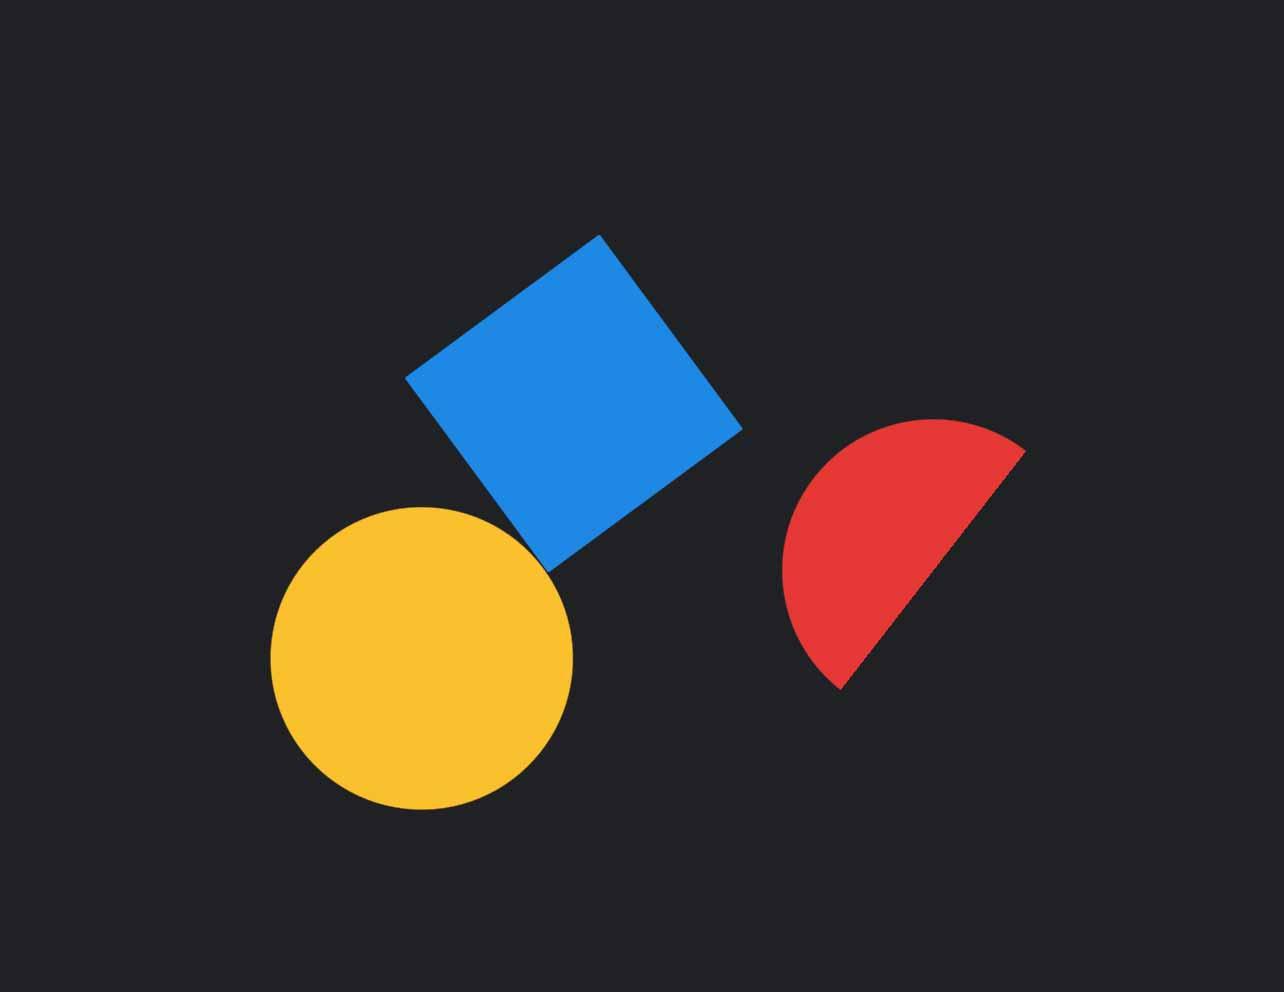 Il y a un easter egg caché dans l'application Google sur iOS